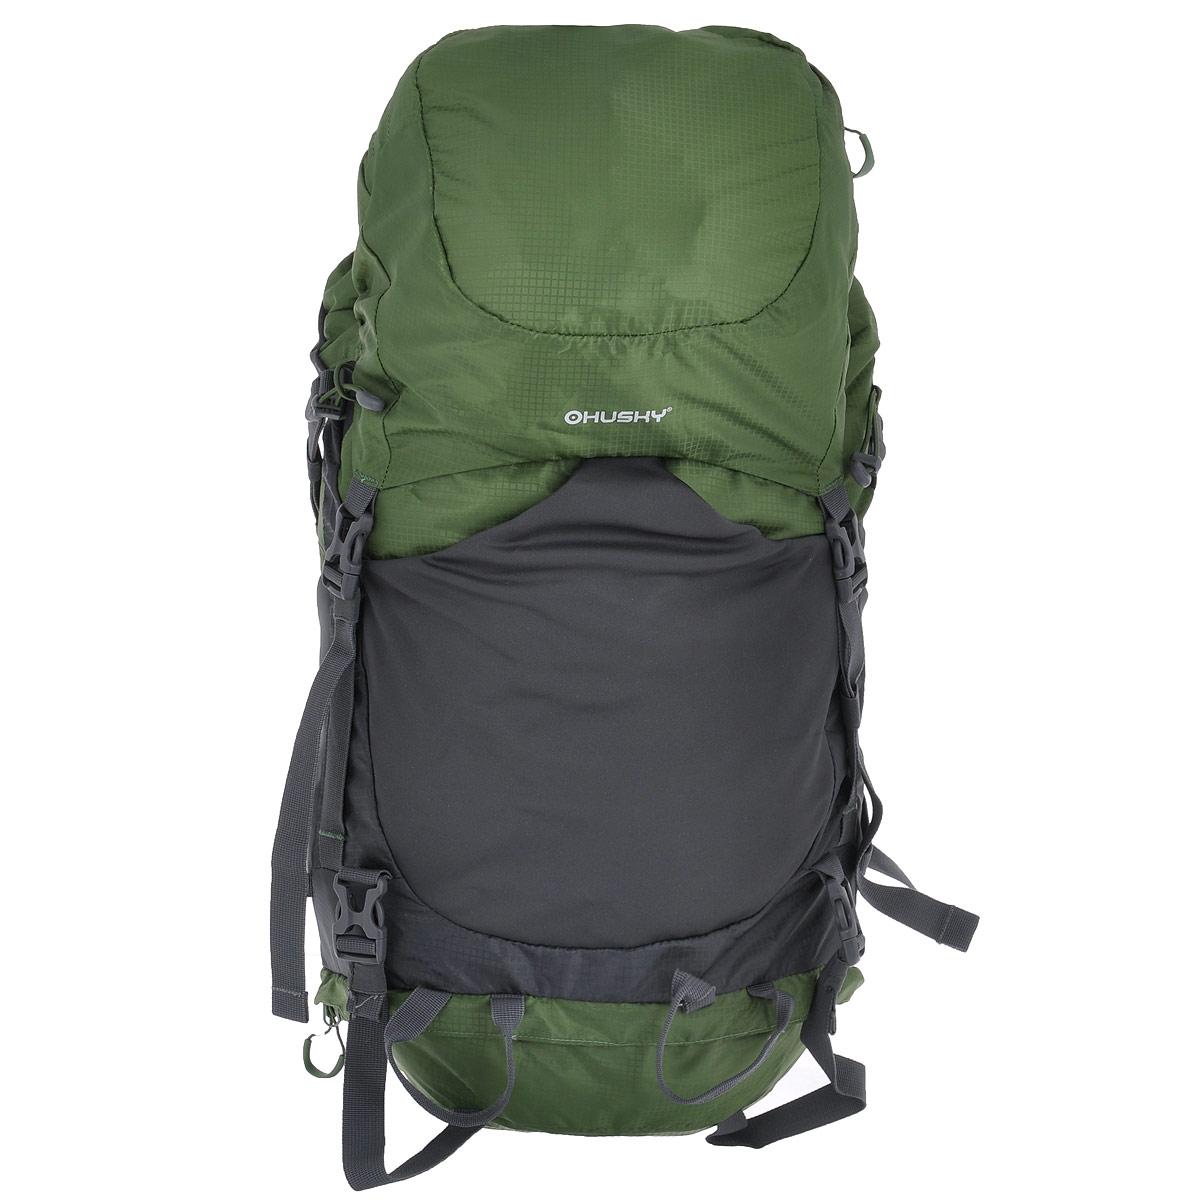 Рюкзак туристический Husky Menic, цвет: черный, серый, зеленый, 50 лУТ-000066091Рюкзак Husky Menic - незаменимый атрибут туриста! Он выполнен из водонепроницаемого нейлона и оснащен светоотражательными элементами.С этим вместительным рюкзаком можно отправиться в любое путешествие. Его удобно носить за плечами благодаря широким лямкам, грудному ремню, ремню на поясе и жесткой спинке с дюралюминиевыми вставками и системой вентиляции спины ETS. Основное отделение имеет объем 50 л. Доступ к нему открывается сверху (закрывается затягивающимся шнурком, пластиковым карабином и капюшоном), снизу (замок на застежке-молнии и карабин) и сбоку (застежка-молния). Внутри главного отделения находится глубокий карман на застежке-молнии для гидратора.Сверху у рюкзака находится 1 карман на застежке-молнии (на капюшоне) с 2 сетчатыми карманами внутри. Капюшон соединяется с нижней частью рюкзака при помощи 2 пластиковых карабинов.На лицевой стороне расположен эластичный карман на резинке. По бокам рюкзака расположены 2 кармана на резинке. Также есть карман на застежке-молнии на поясе.На дне рюкзака находится карман с накидкой от дождя.Рюкзак Husky Menic - превосходный выбор для путешествия с комфортом. Вес: 1,68 кг.Что взять с собой в поход?. Статья OZON Гид